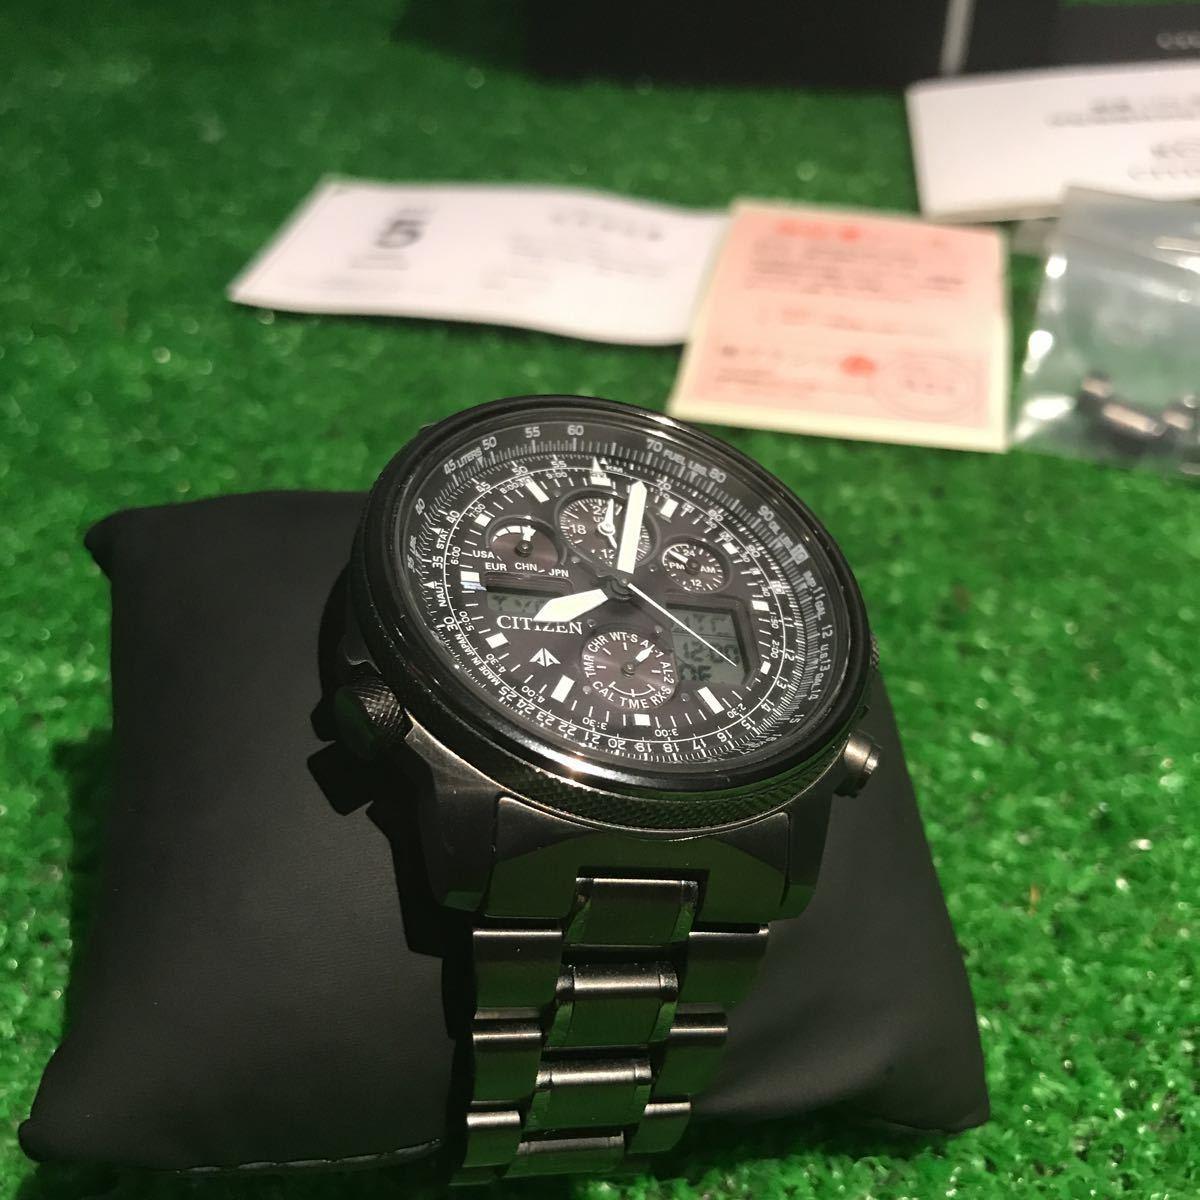 新品同様1円~ 試着程度 シチズン U680-T019692 プロマスター チタン ソーラー 電波時計 アナデジ メンズ腕時計 60サイズ (62)_画像3